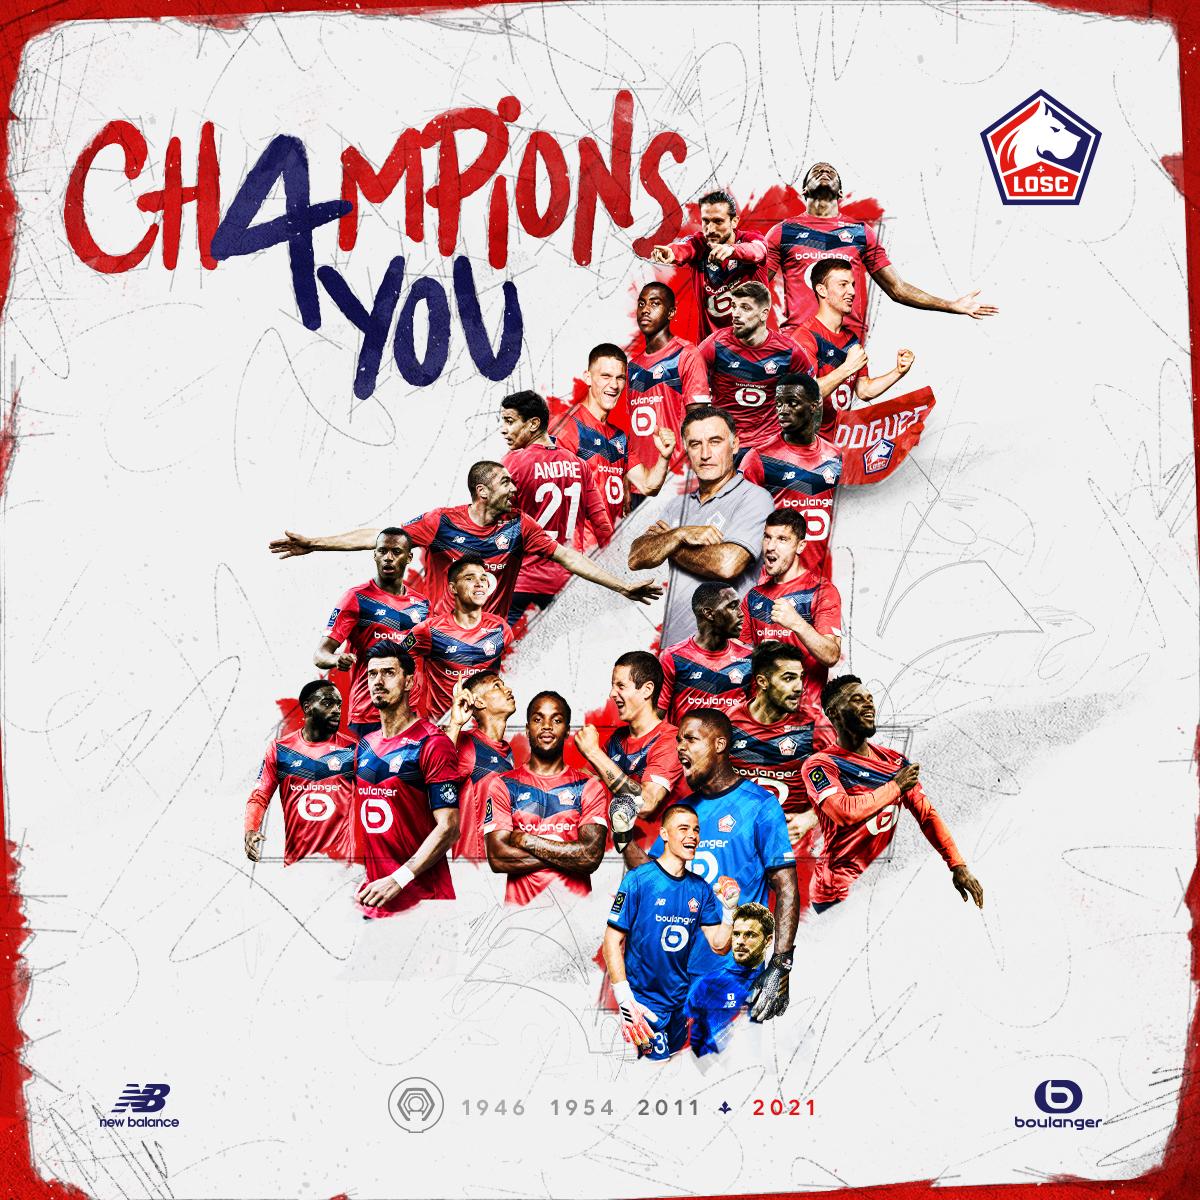 法甲大结局:巴黎卫冕失败,里尔时隔十年重夺法甲冠军插图